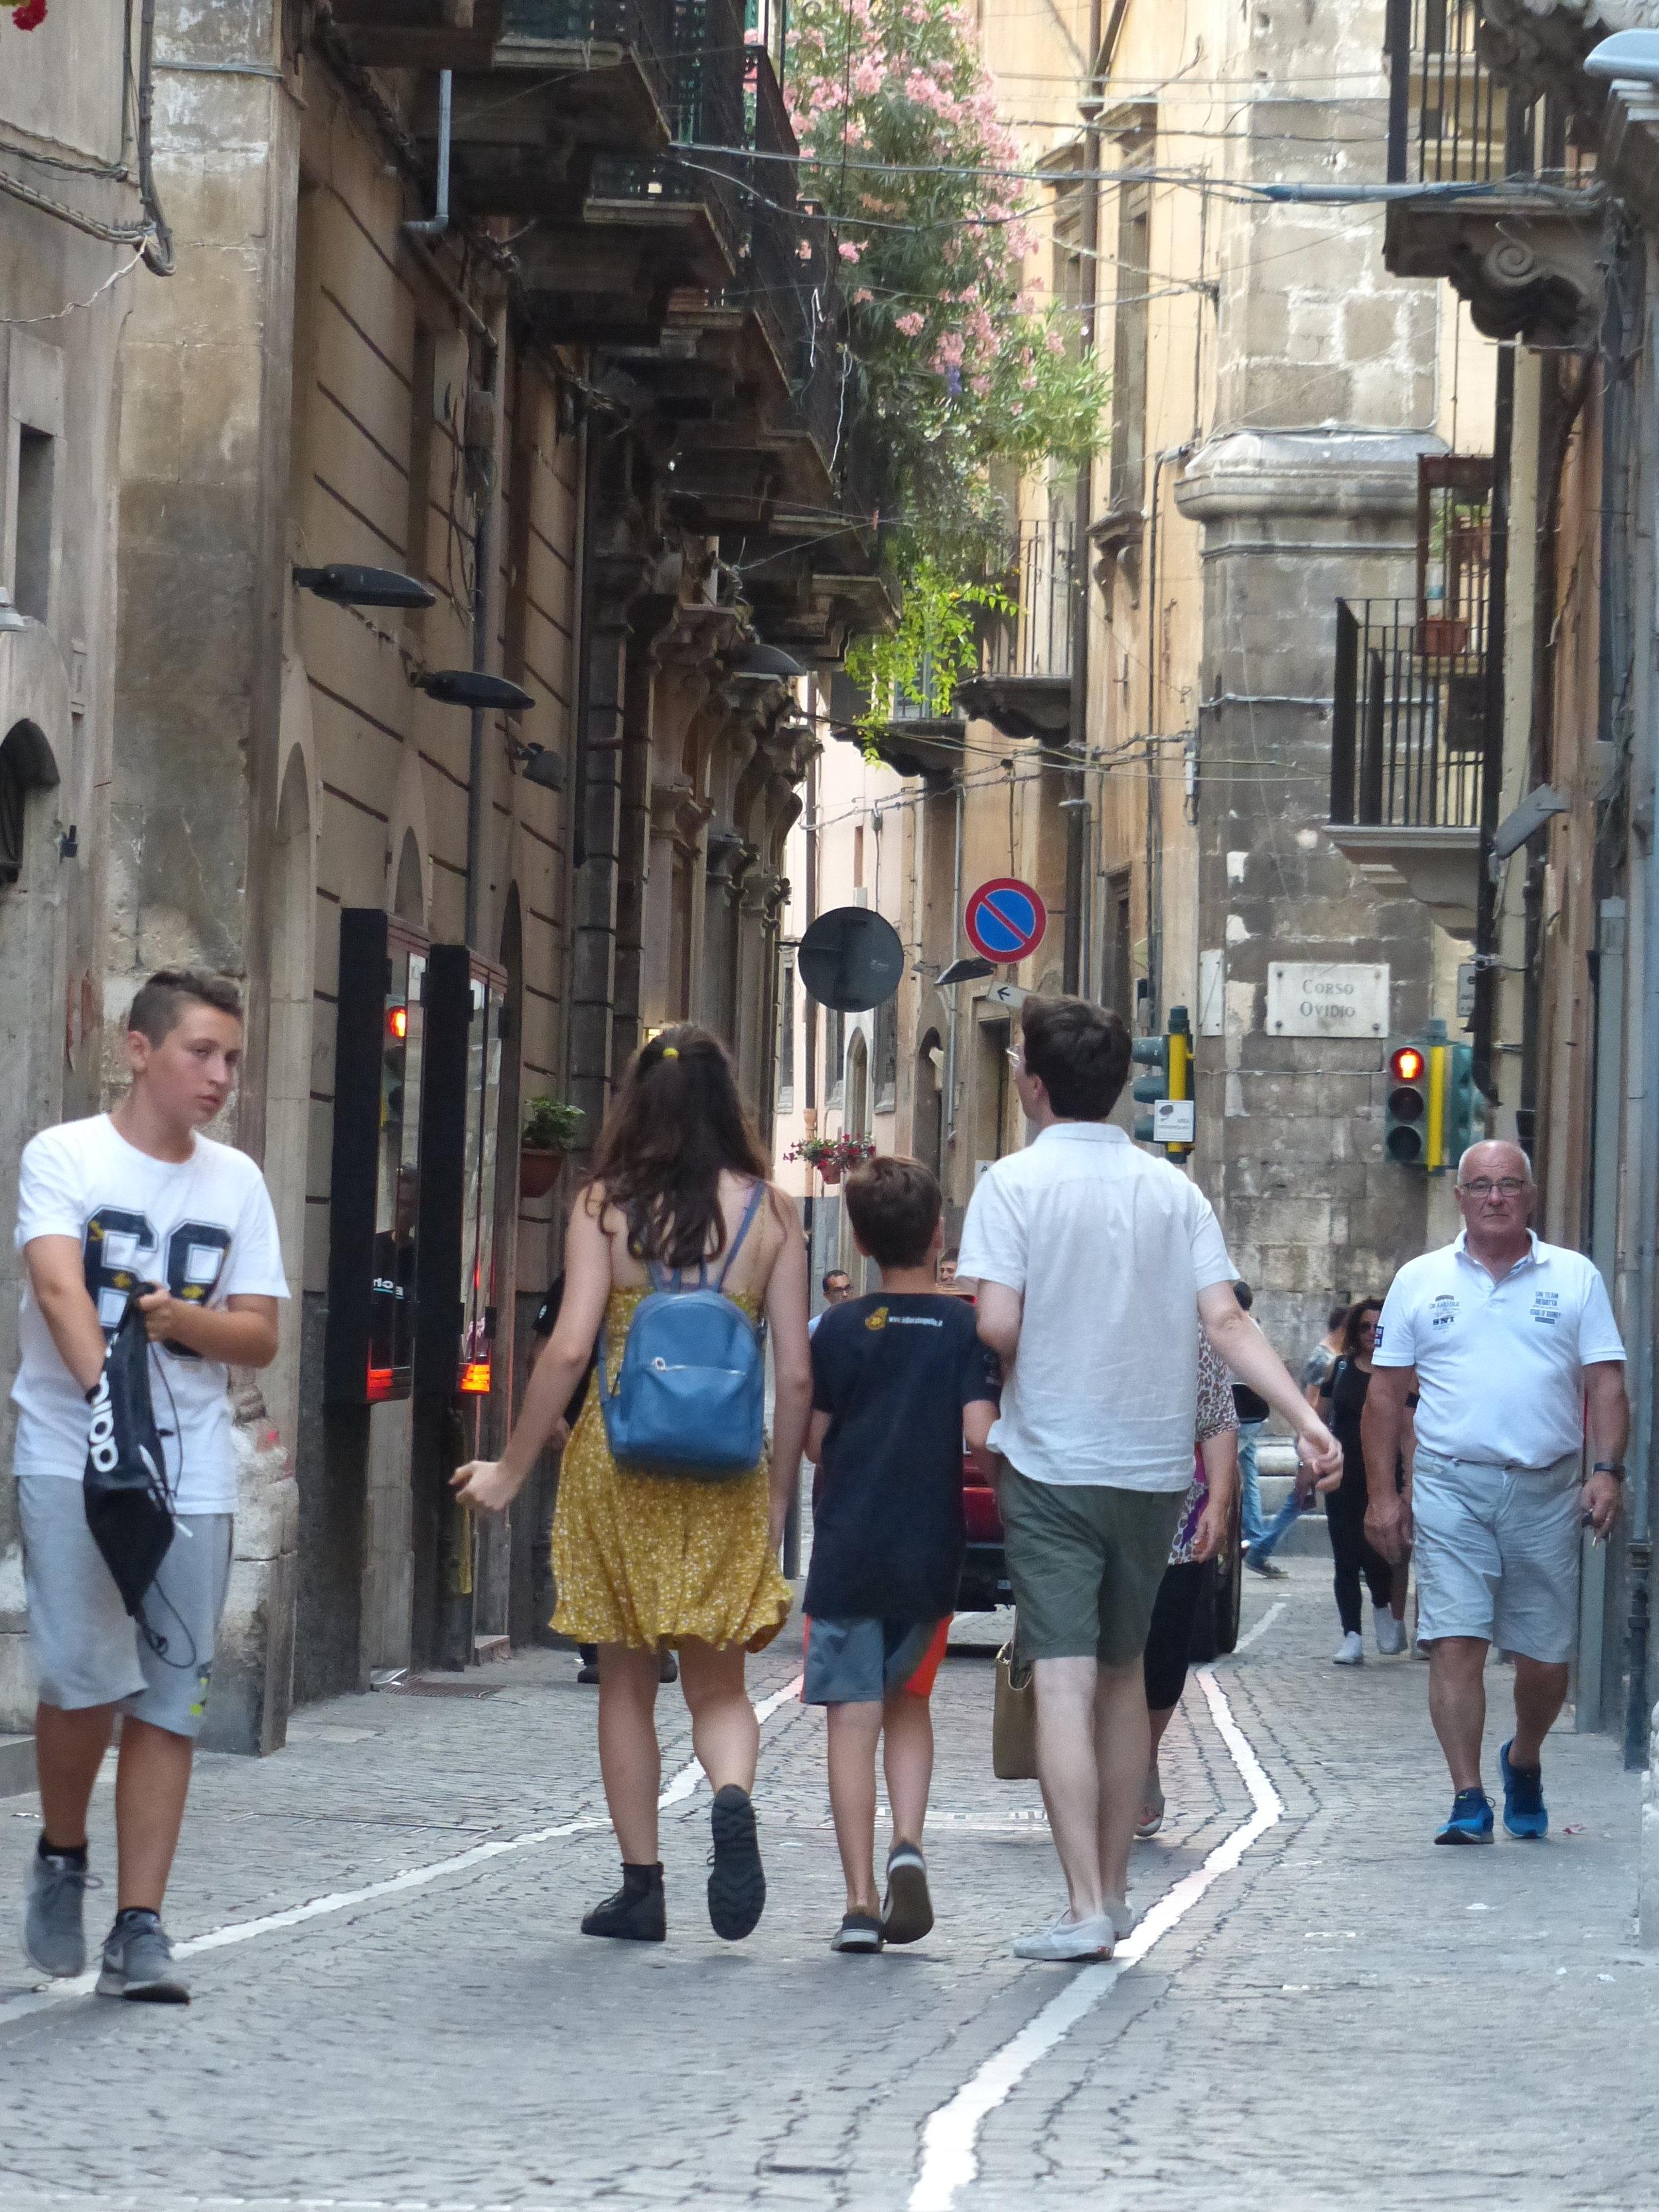 Kids walking down street in Sulmona, Abruzzo